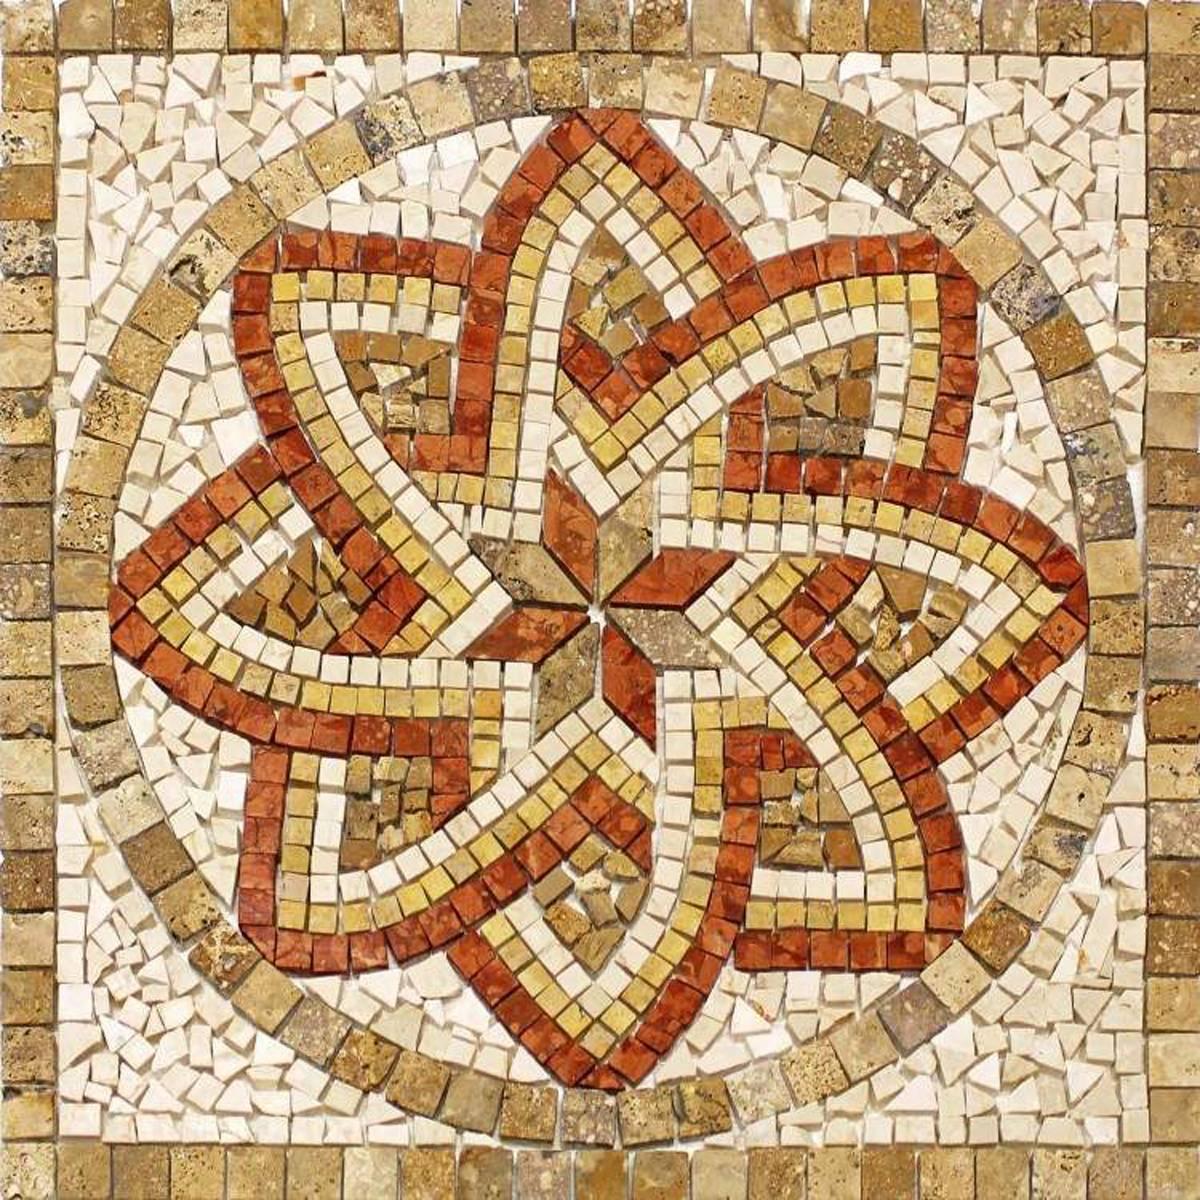 Rosoni rosone mosaico in marmo su rete per interni esterni 80x80 florium noce quaranta store - Mosaico per cucina ...